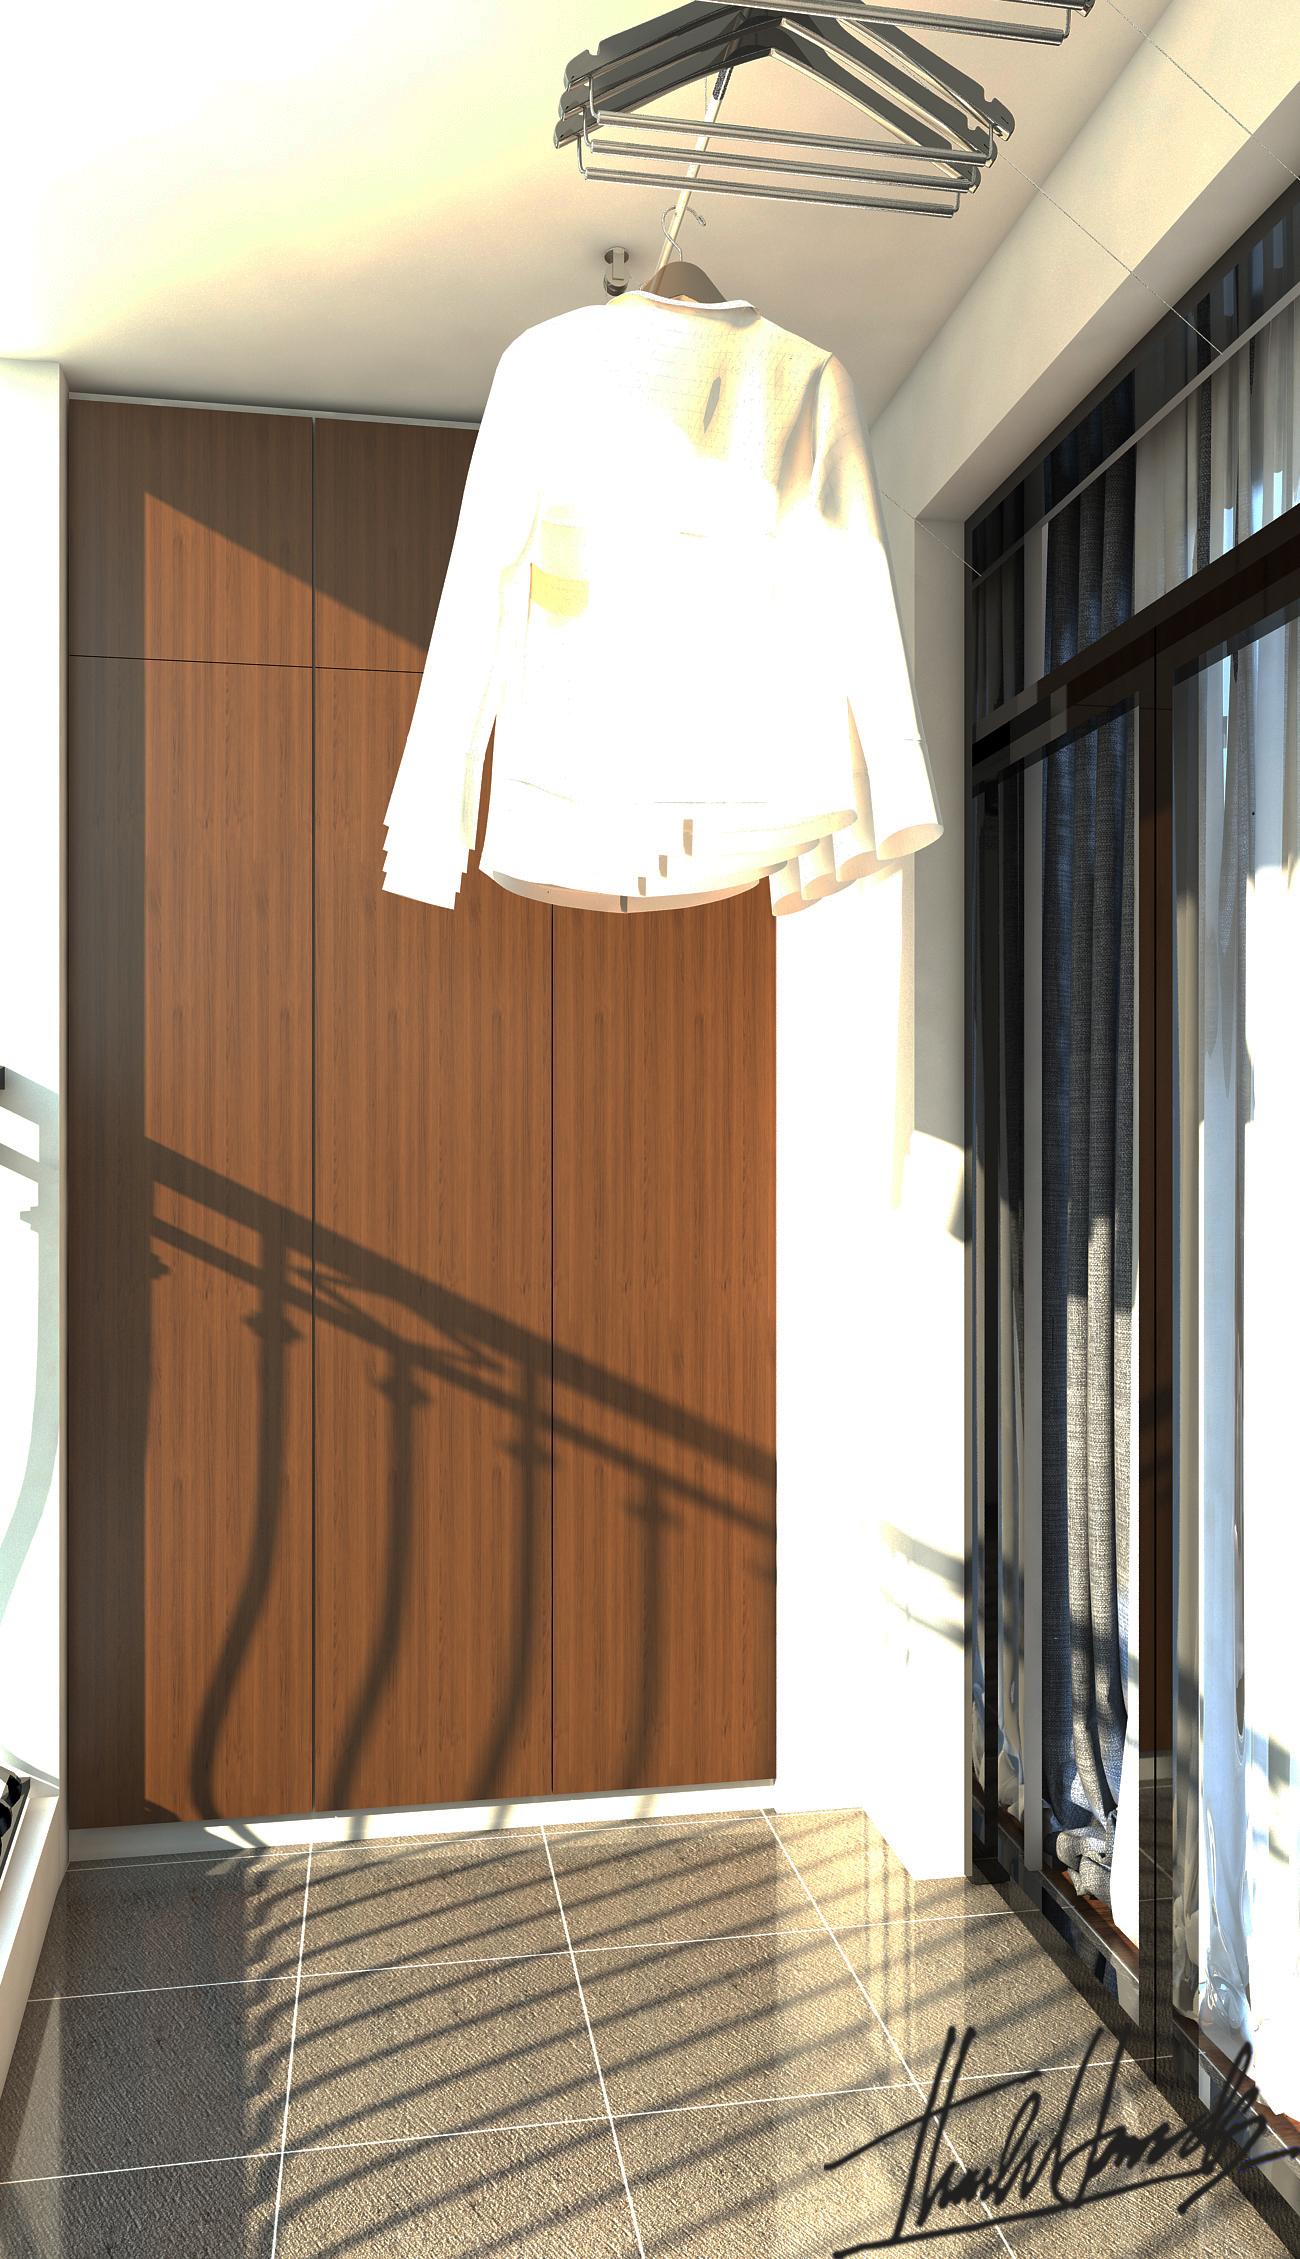 thiết kế nội thất chung cư tại Hà Nội chung cư roya city 21 1568274332